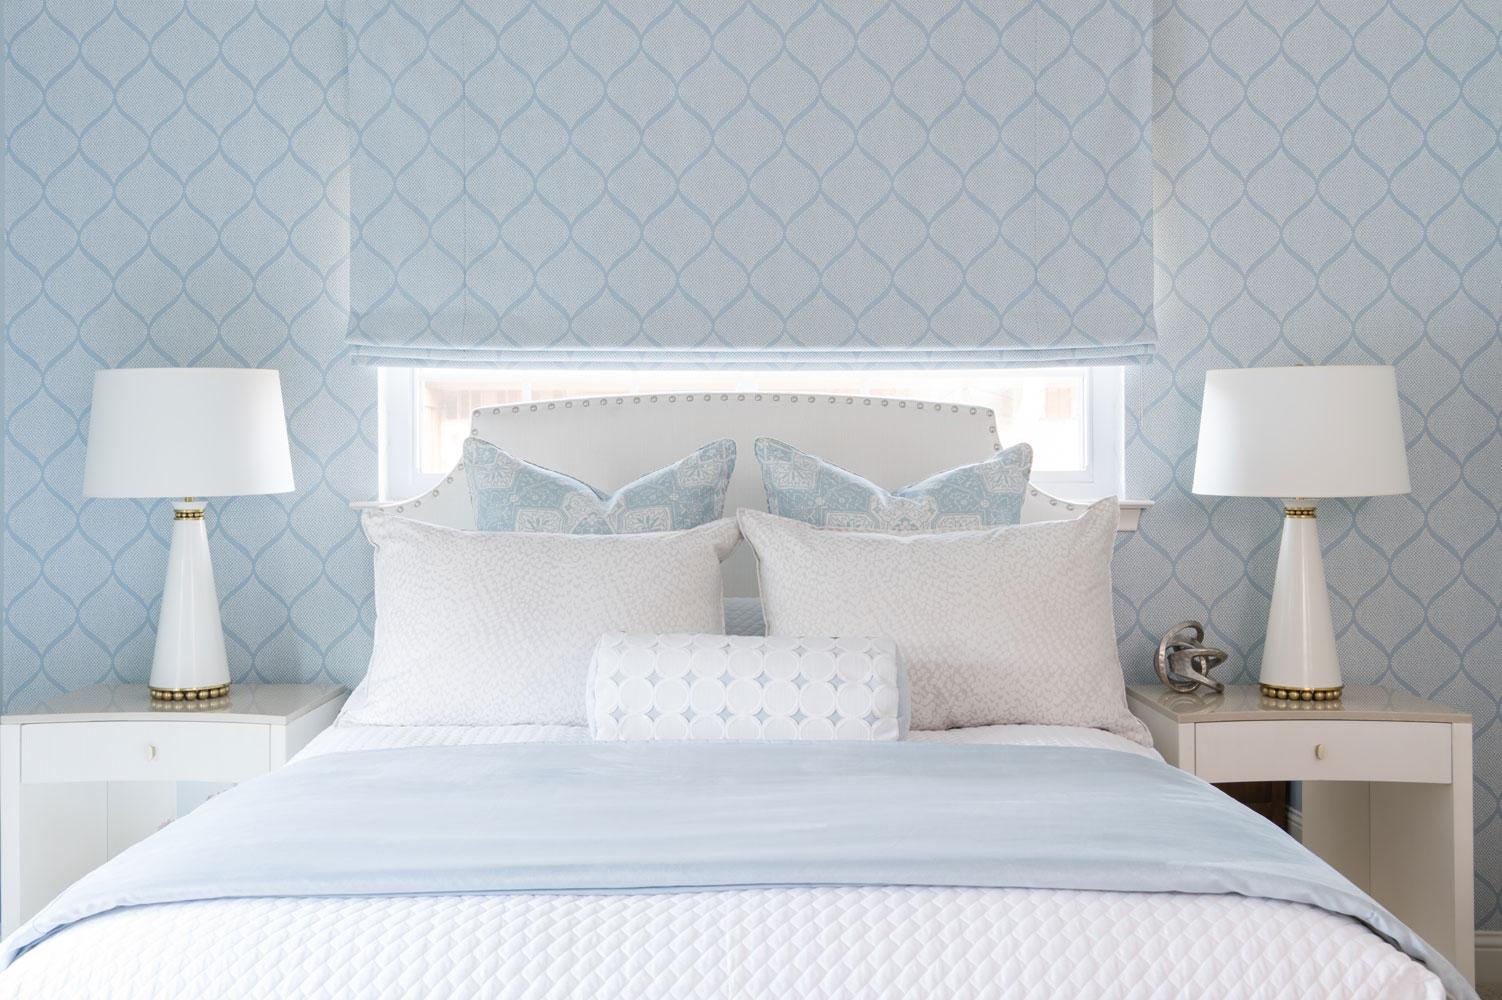 transitional-decor-dallas-master-bed-design